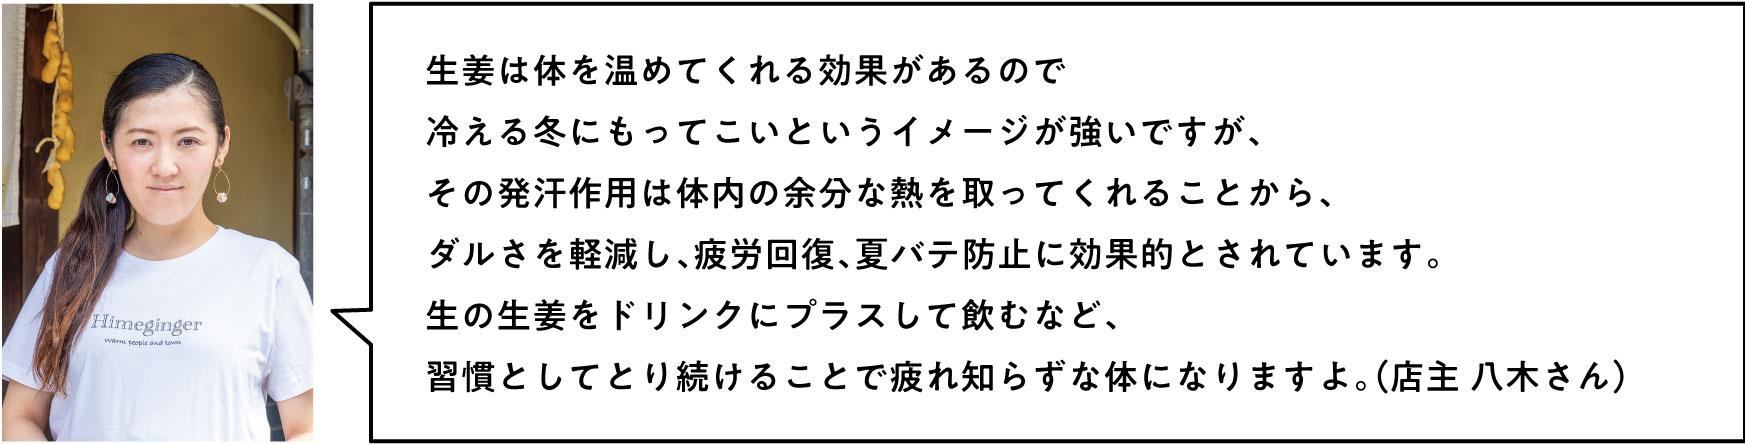 kenkou9